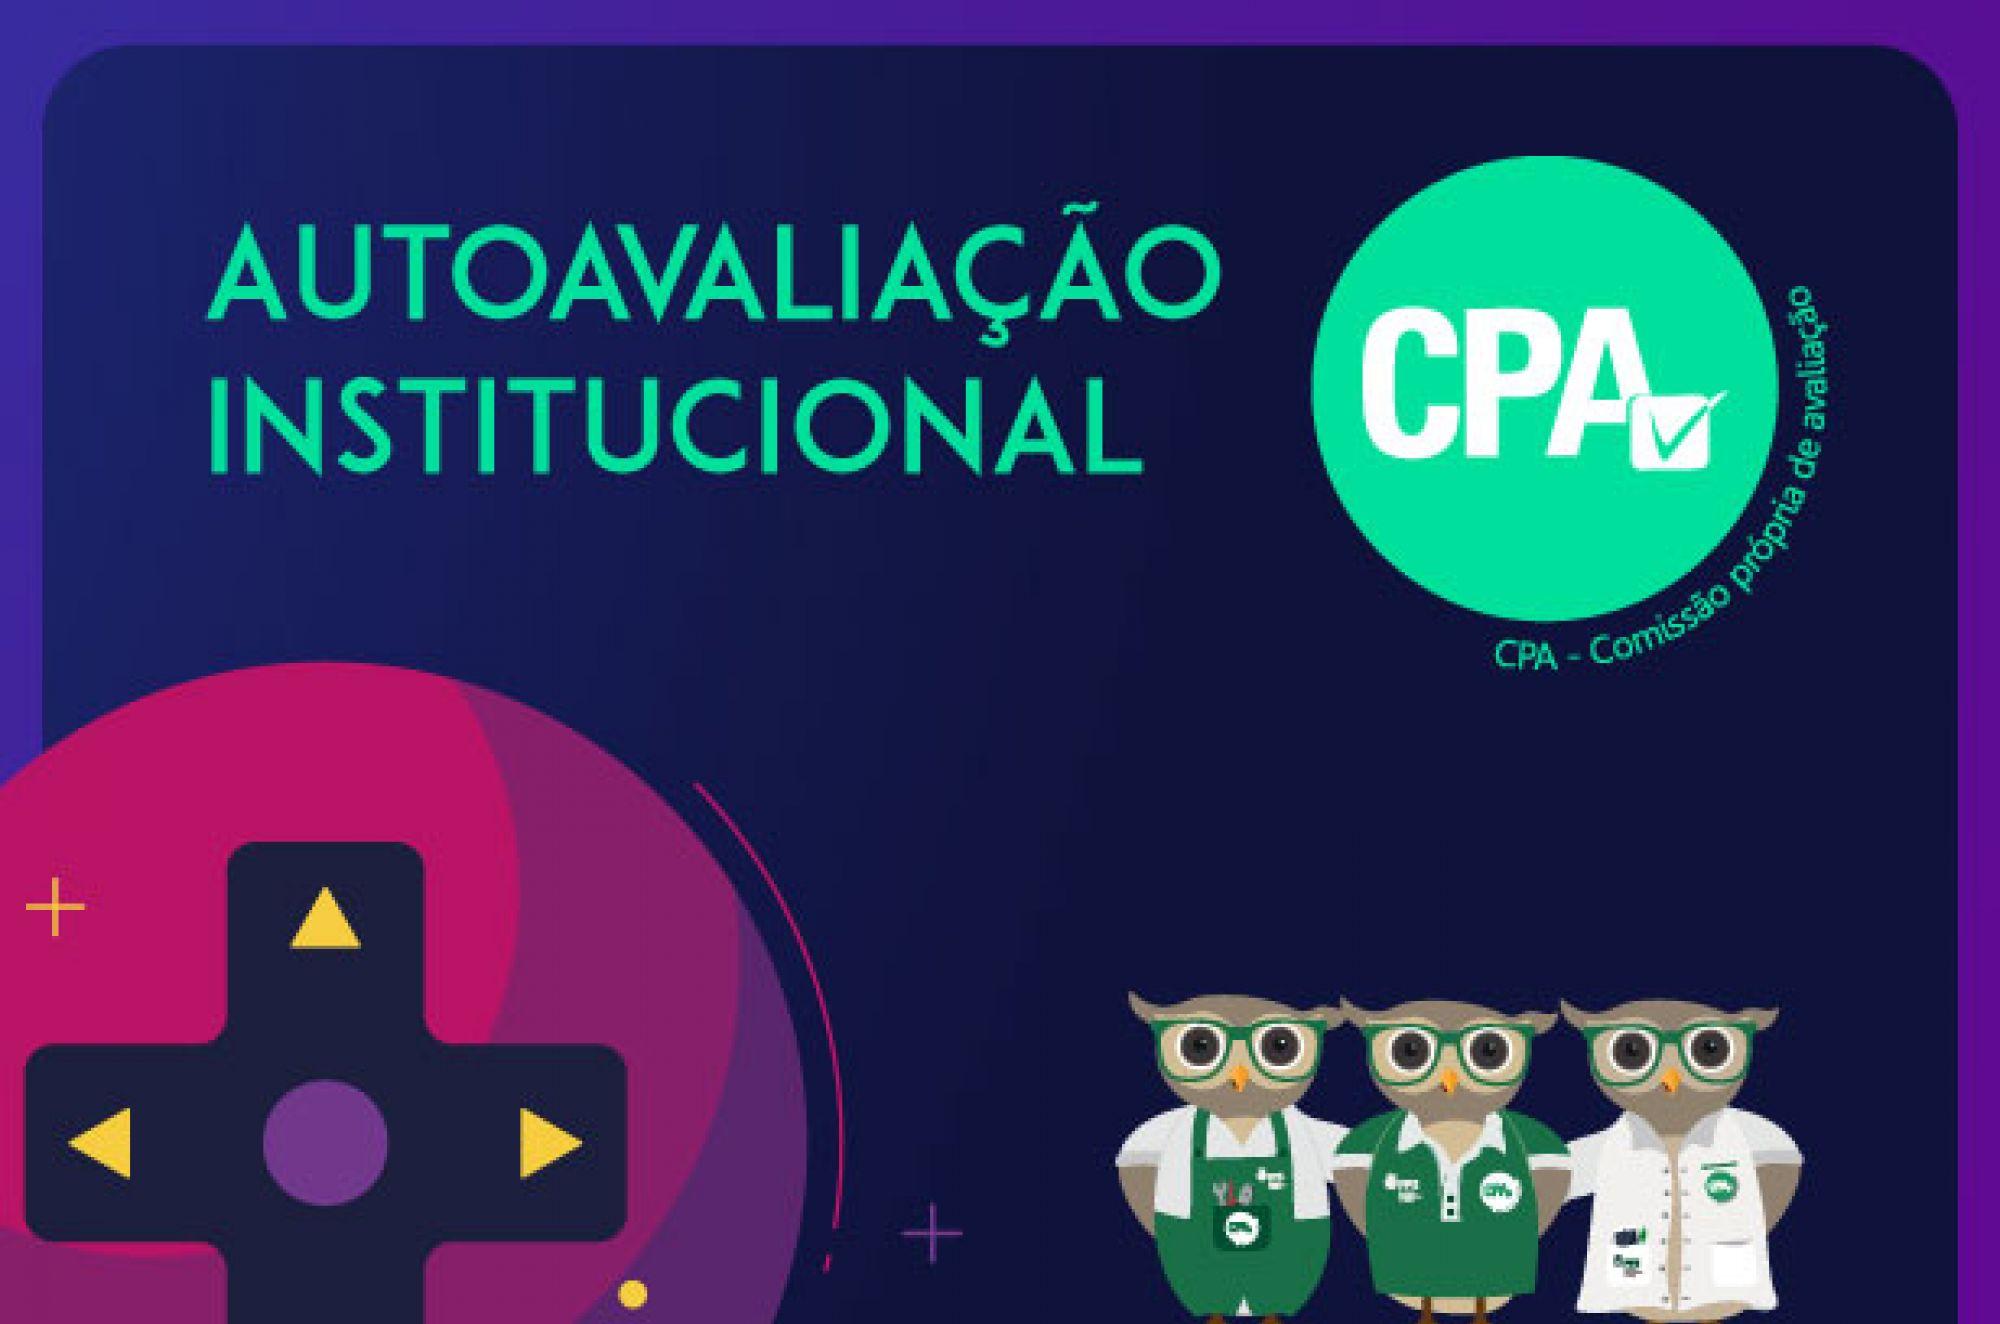 Autoavaliação Institucional - teste seus conhecimentos!